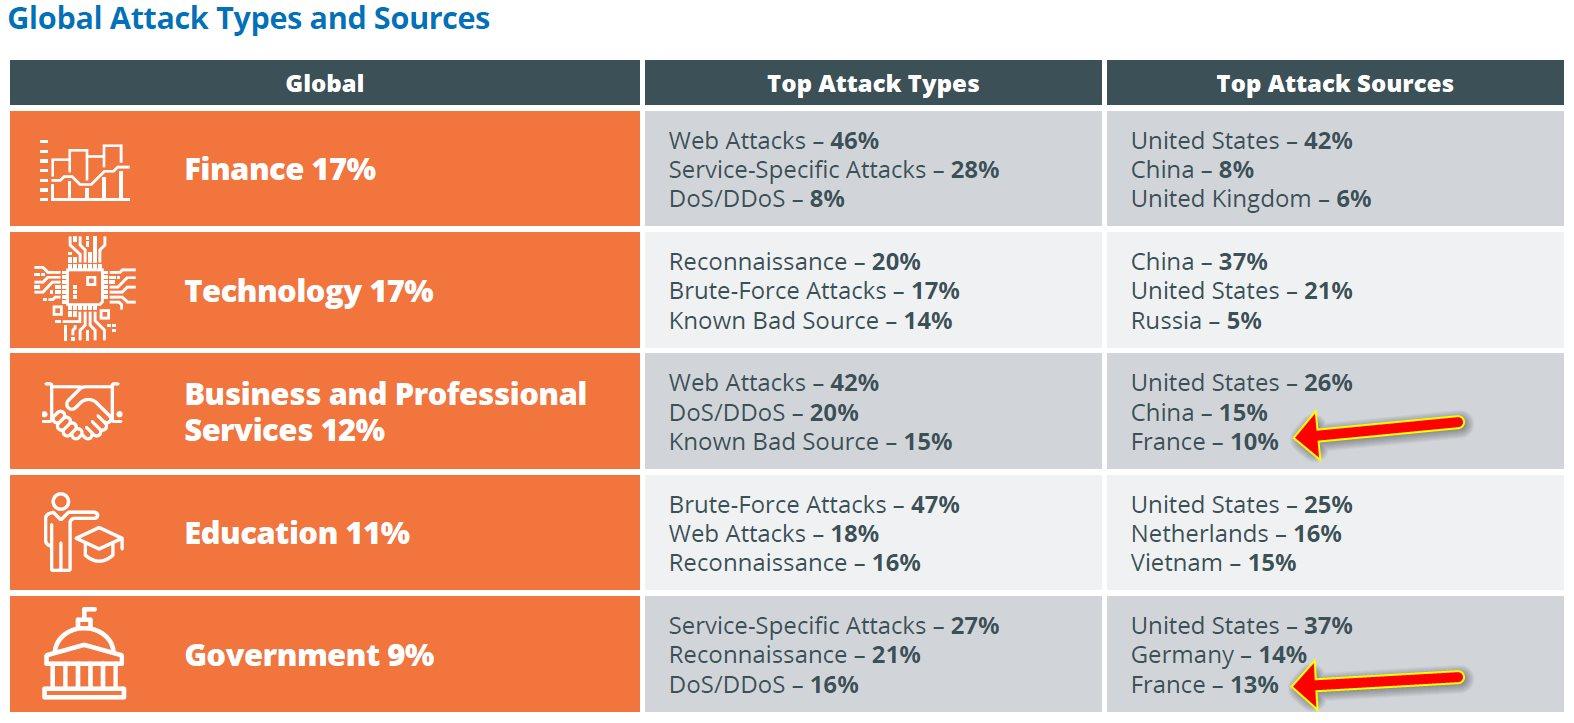 Les pays spurces d'attaques par secteur d'activité